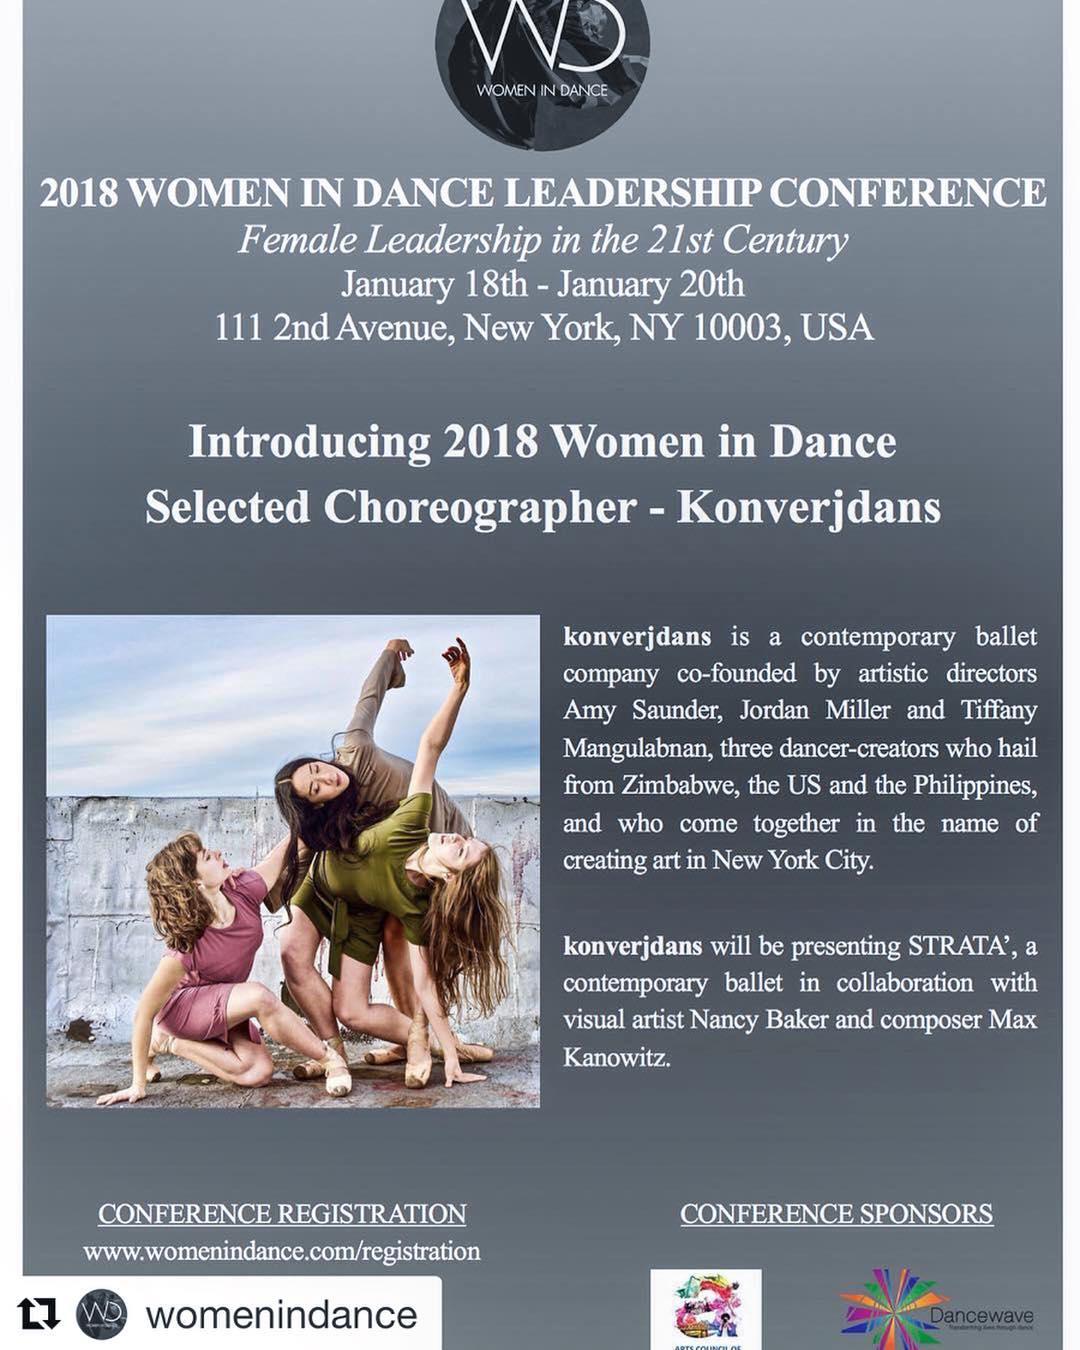 konverjdans at Women in Dance 2018